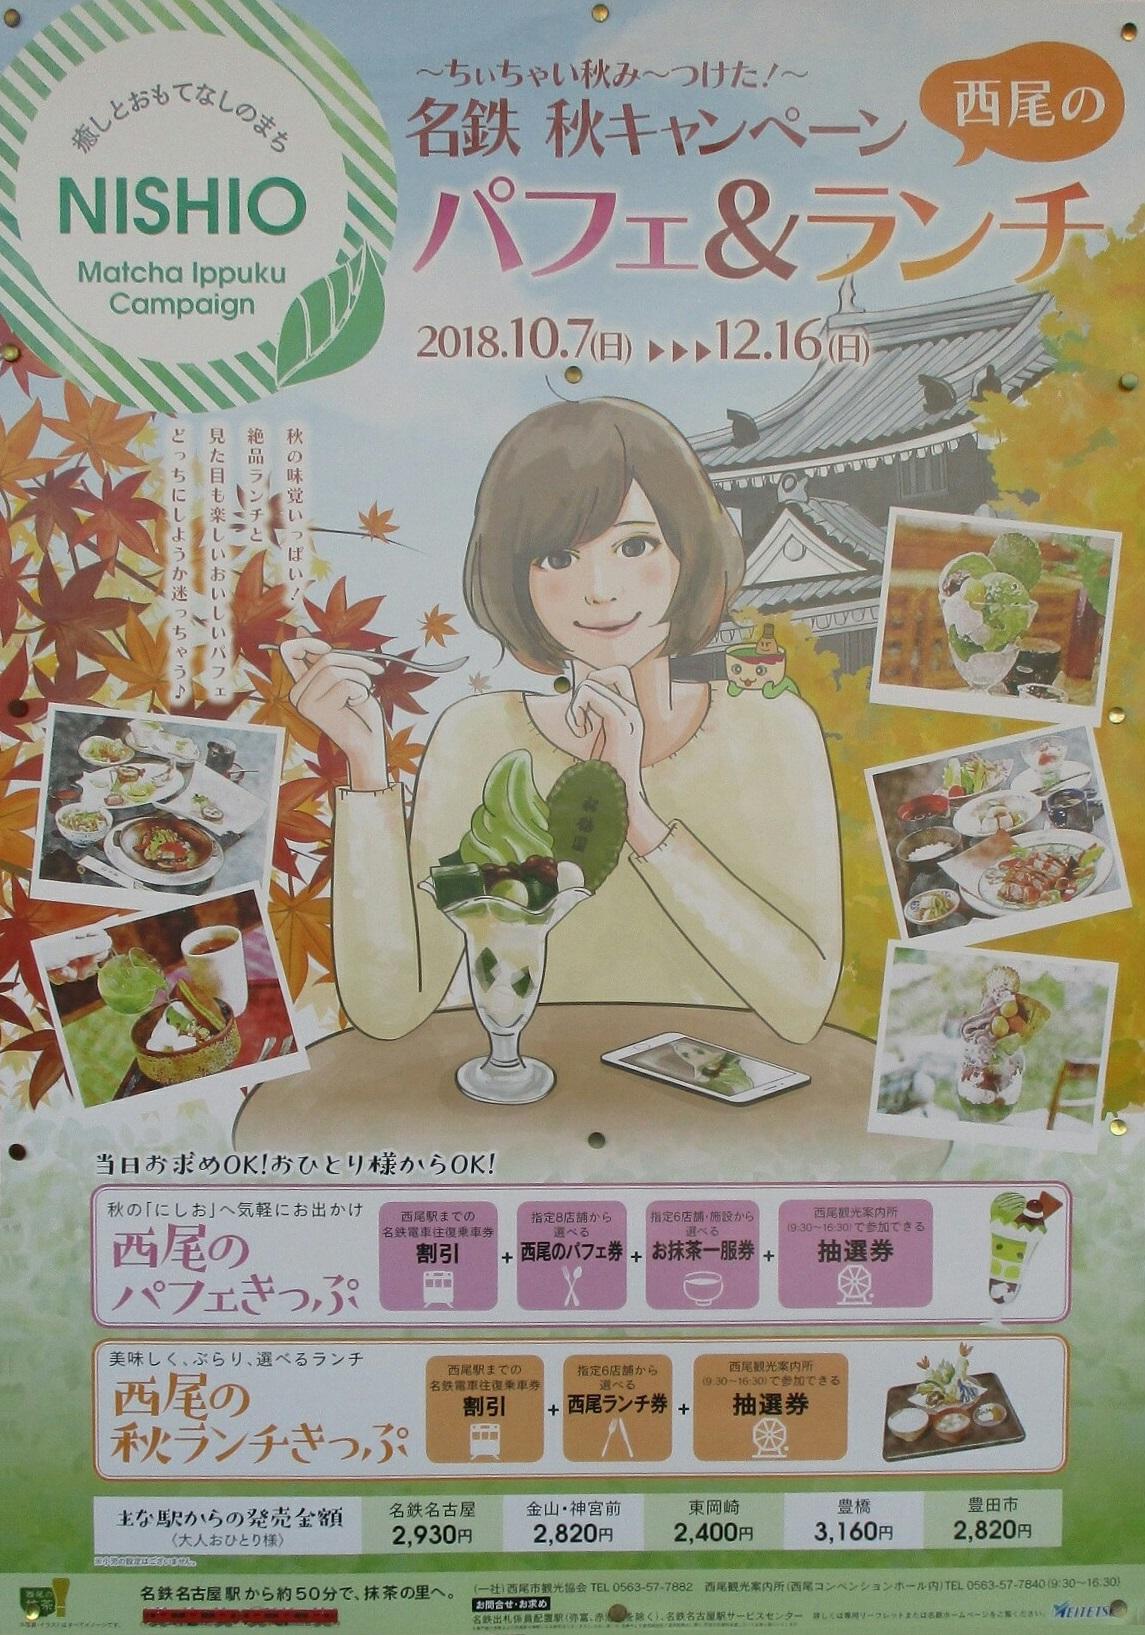 2018.10.9 (6) 東岡崎 - 「西尾のパフェとランチ」ポスター 1145-1635